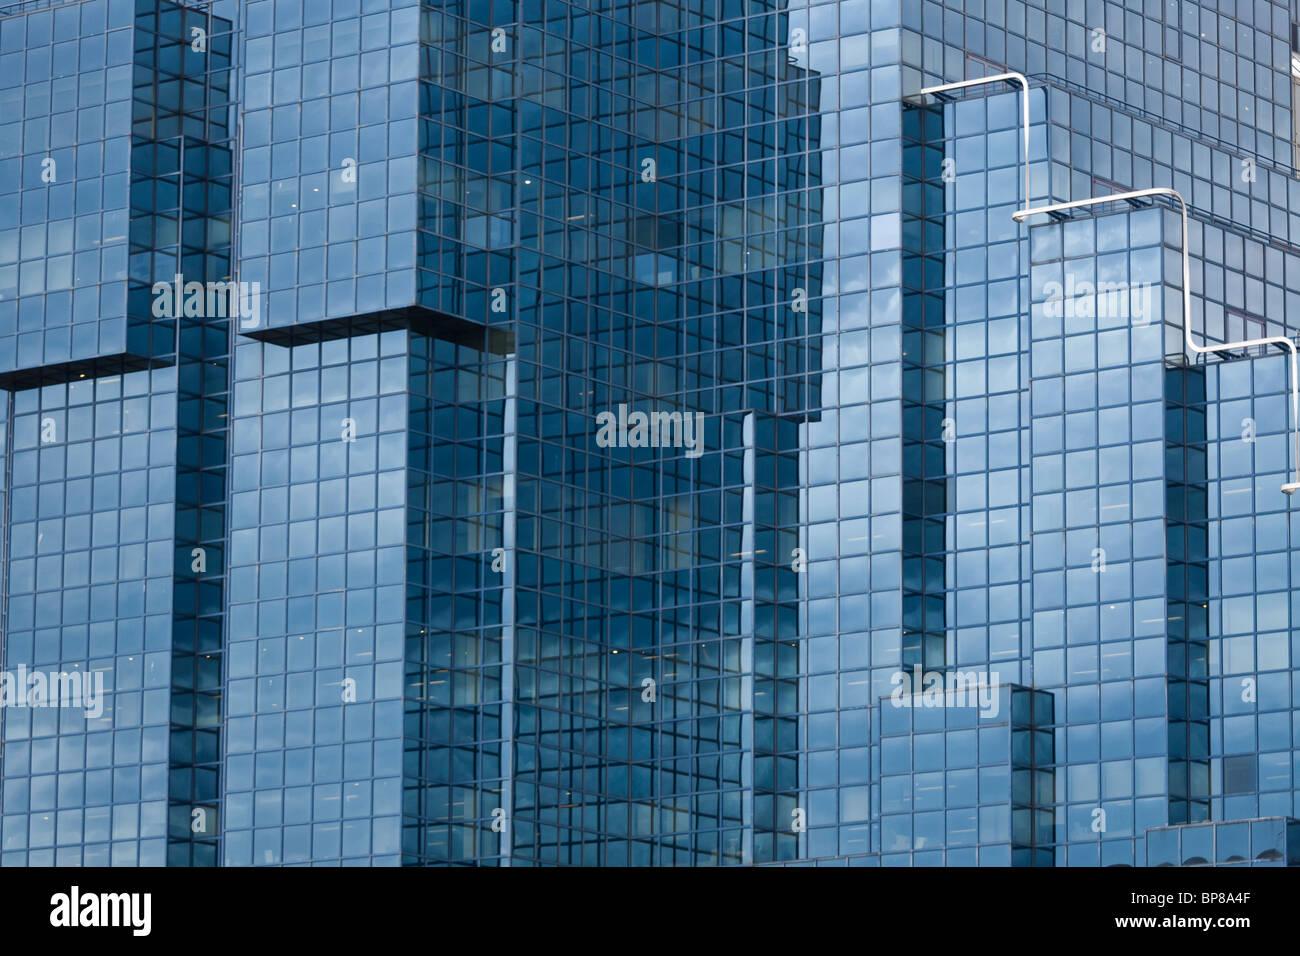 Gläserne Türme von London. Blaue reflektierende Glas und eine sich wiederholende Array von Windows Forms die Fassade Stockfoto